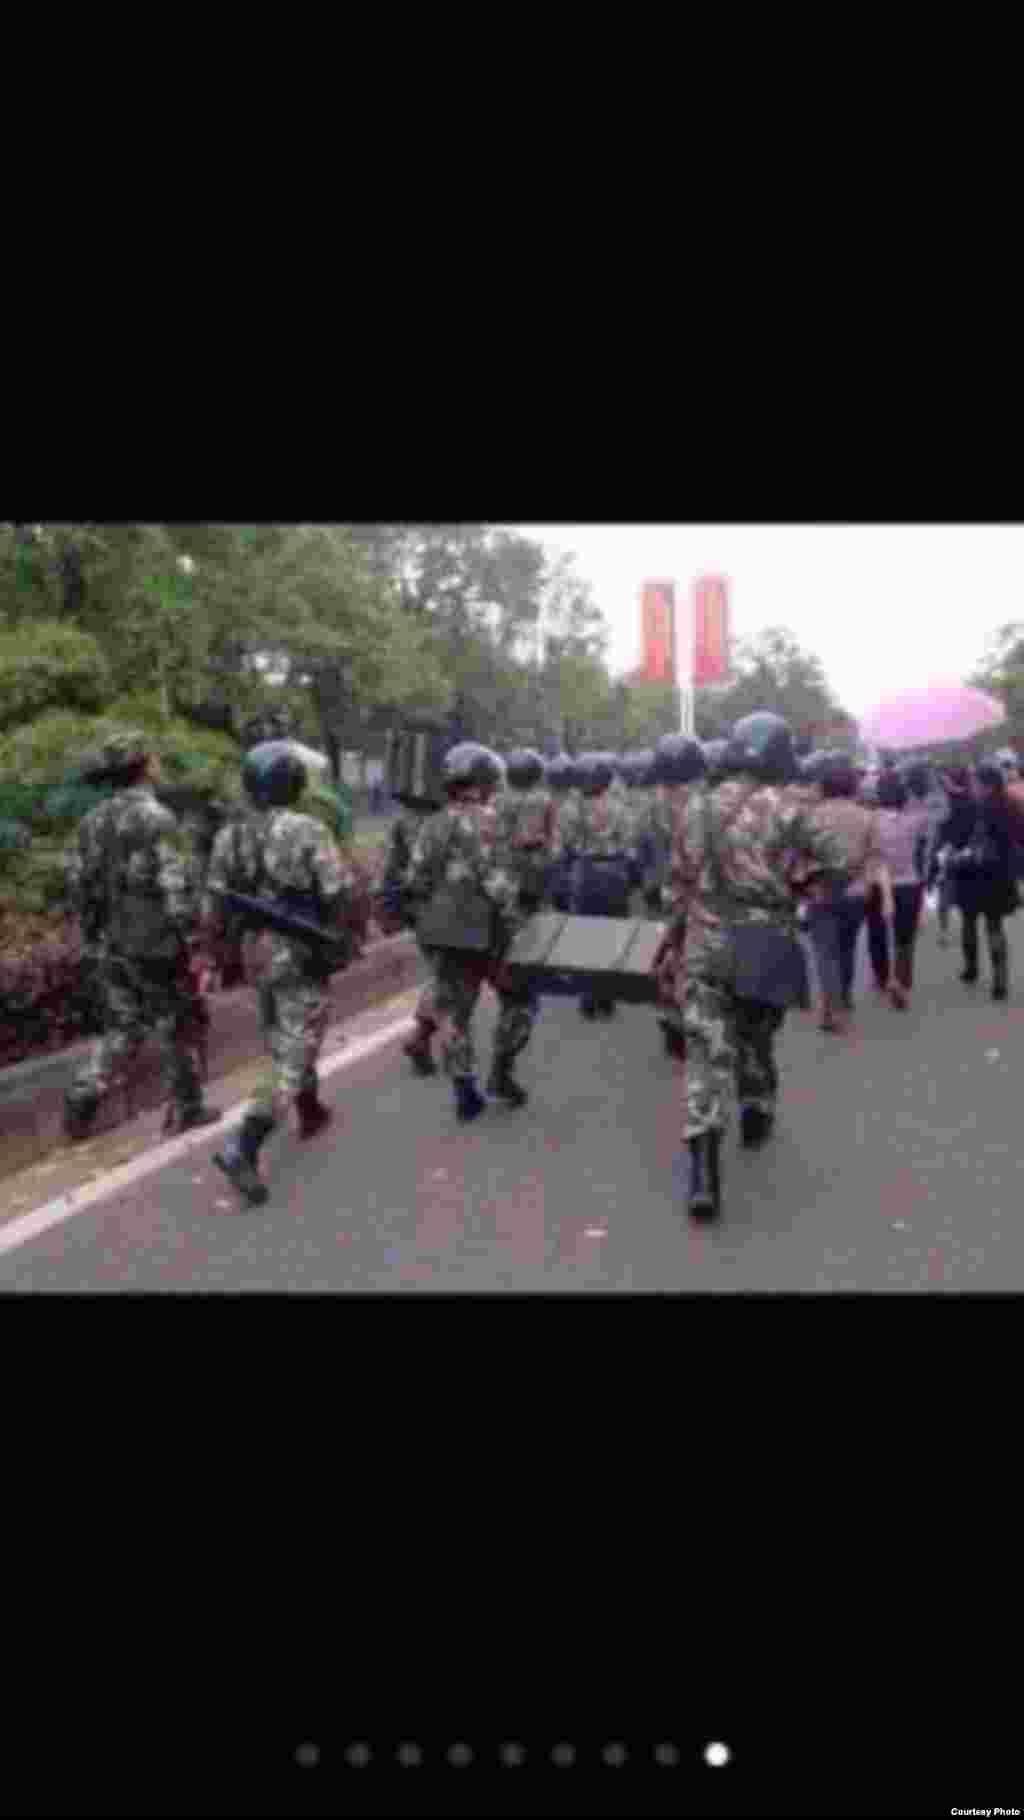 武警出动,前往压制茂名的抗议行动